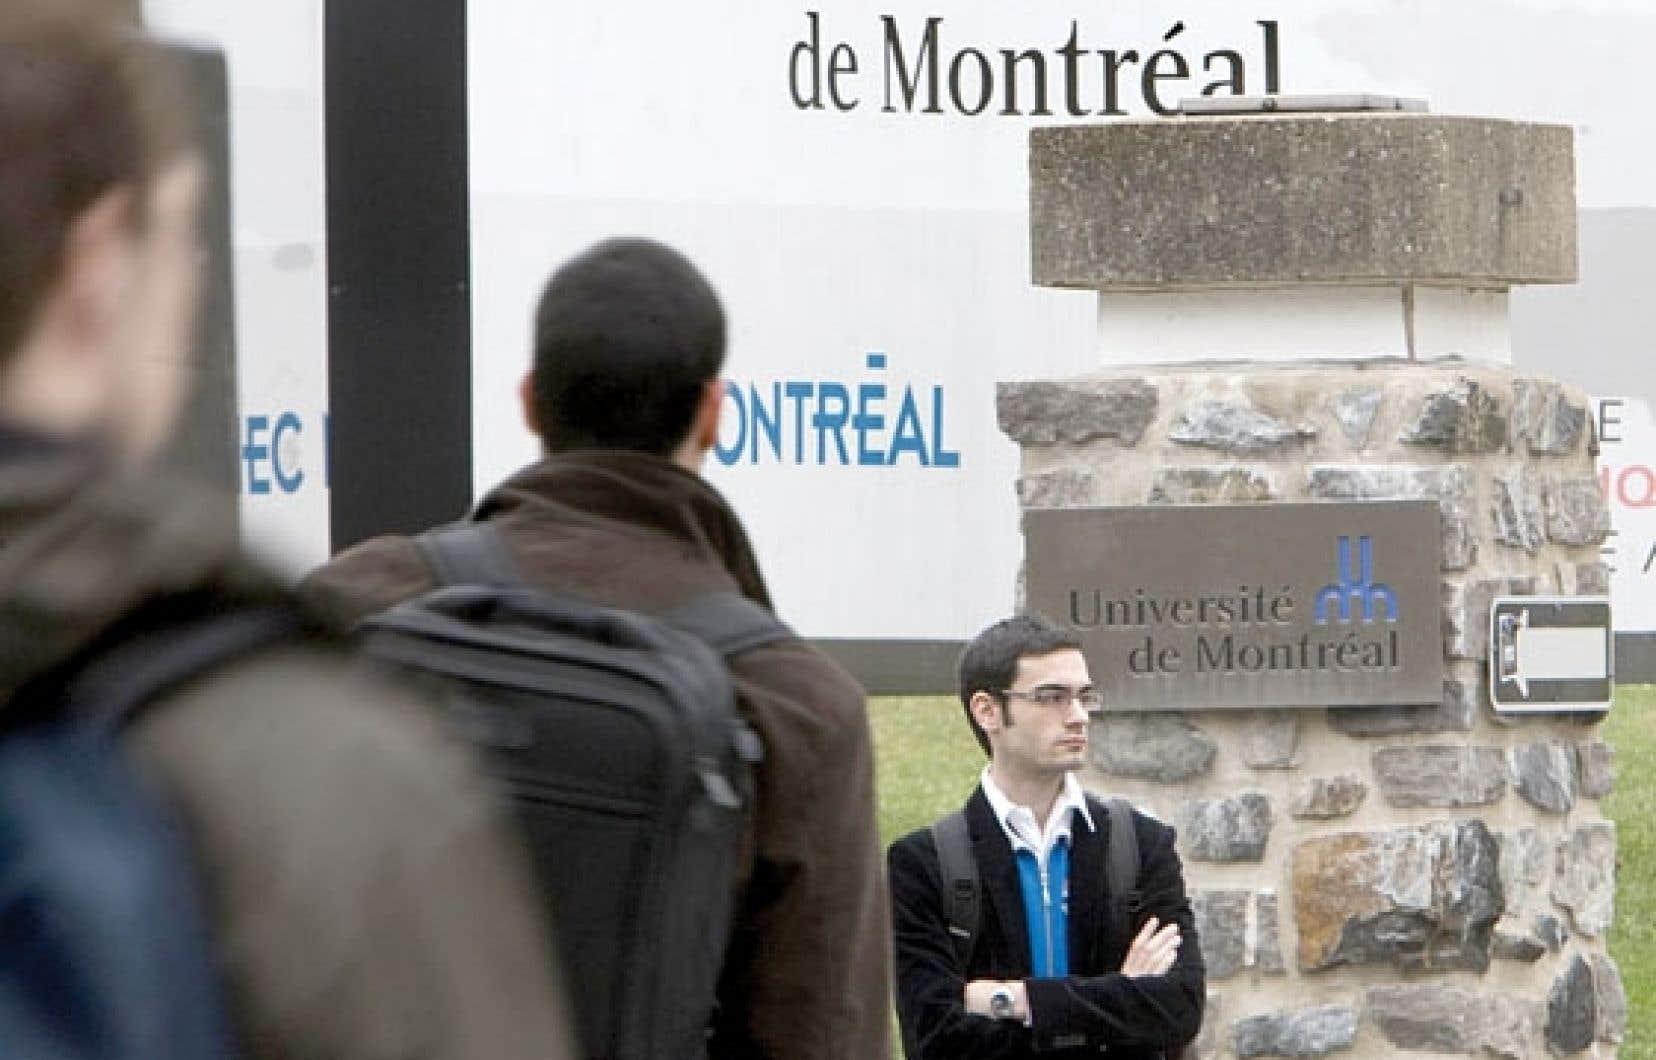 Deux universités québécoises, l'Université de Montréal et McGill, réclament un traitement différencié et un financement accru, lié à leur excellence et à leur bonne performance à l'international.